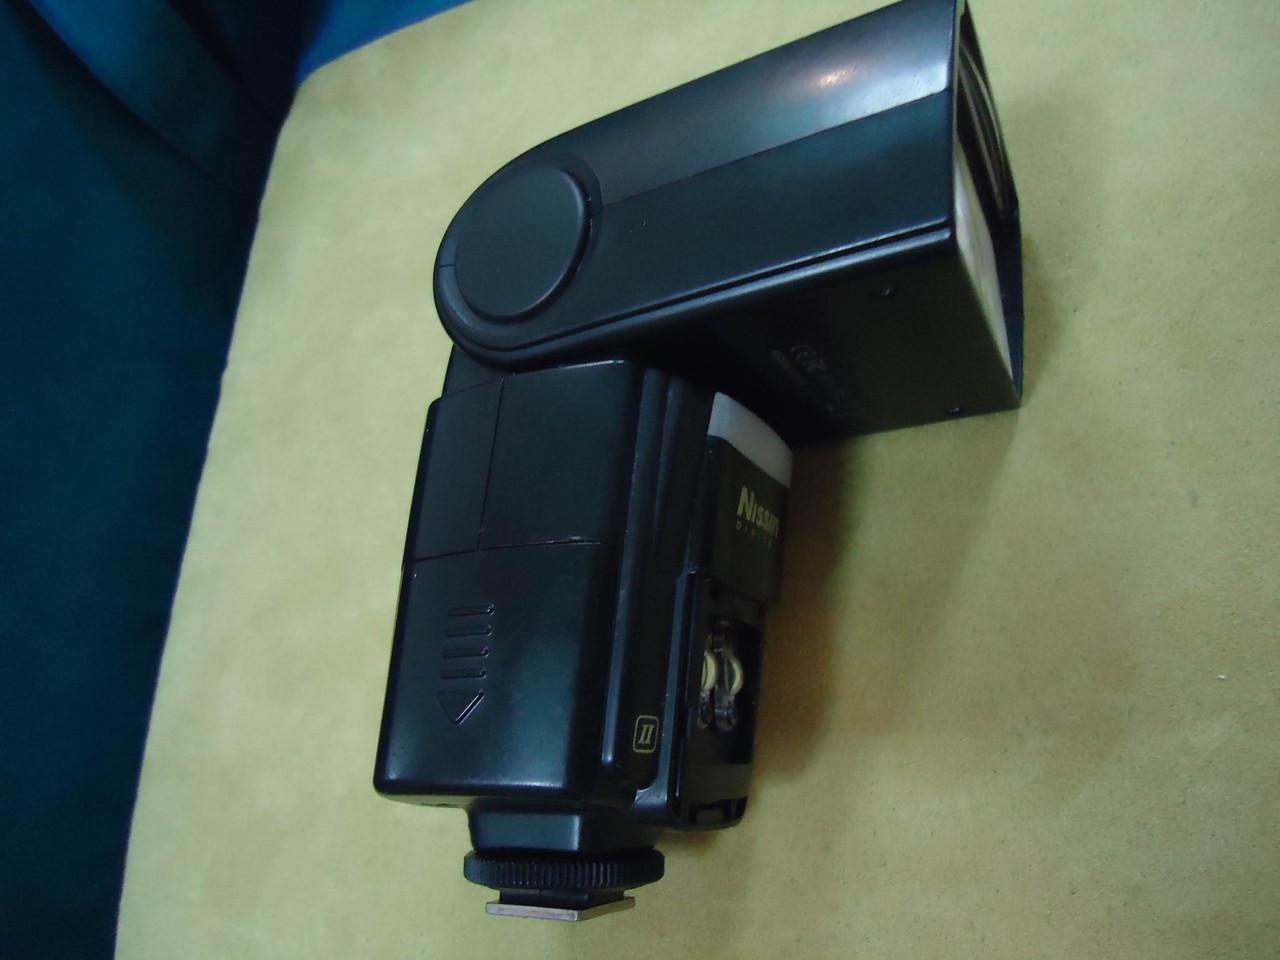 Вспышка высокой мощности Nissin Di866 Mark II